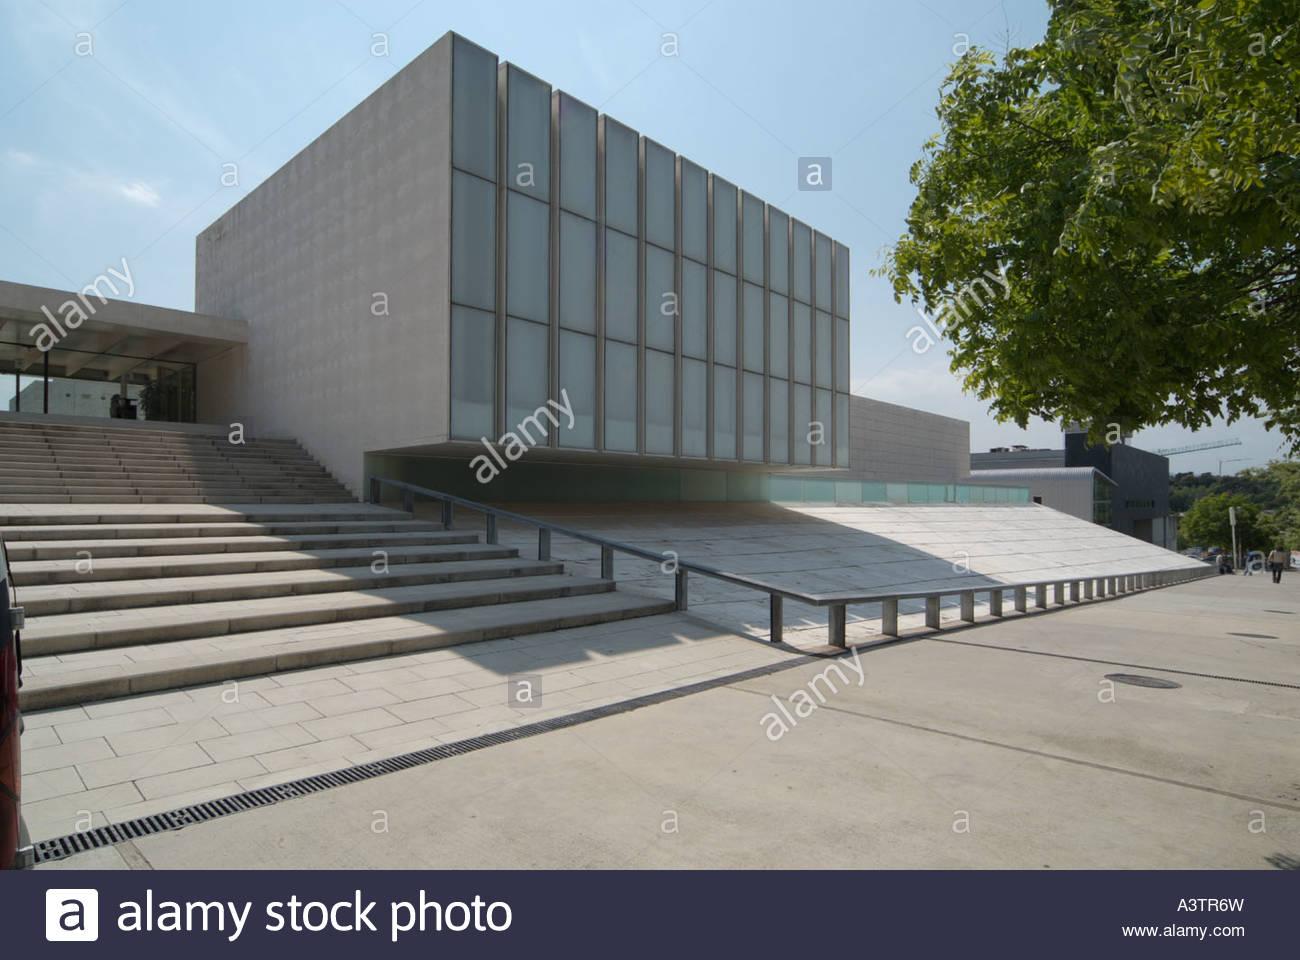 Girona University Law Faculty designed by RCR Arquitectes, Girona